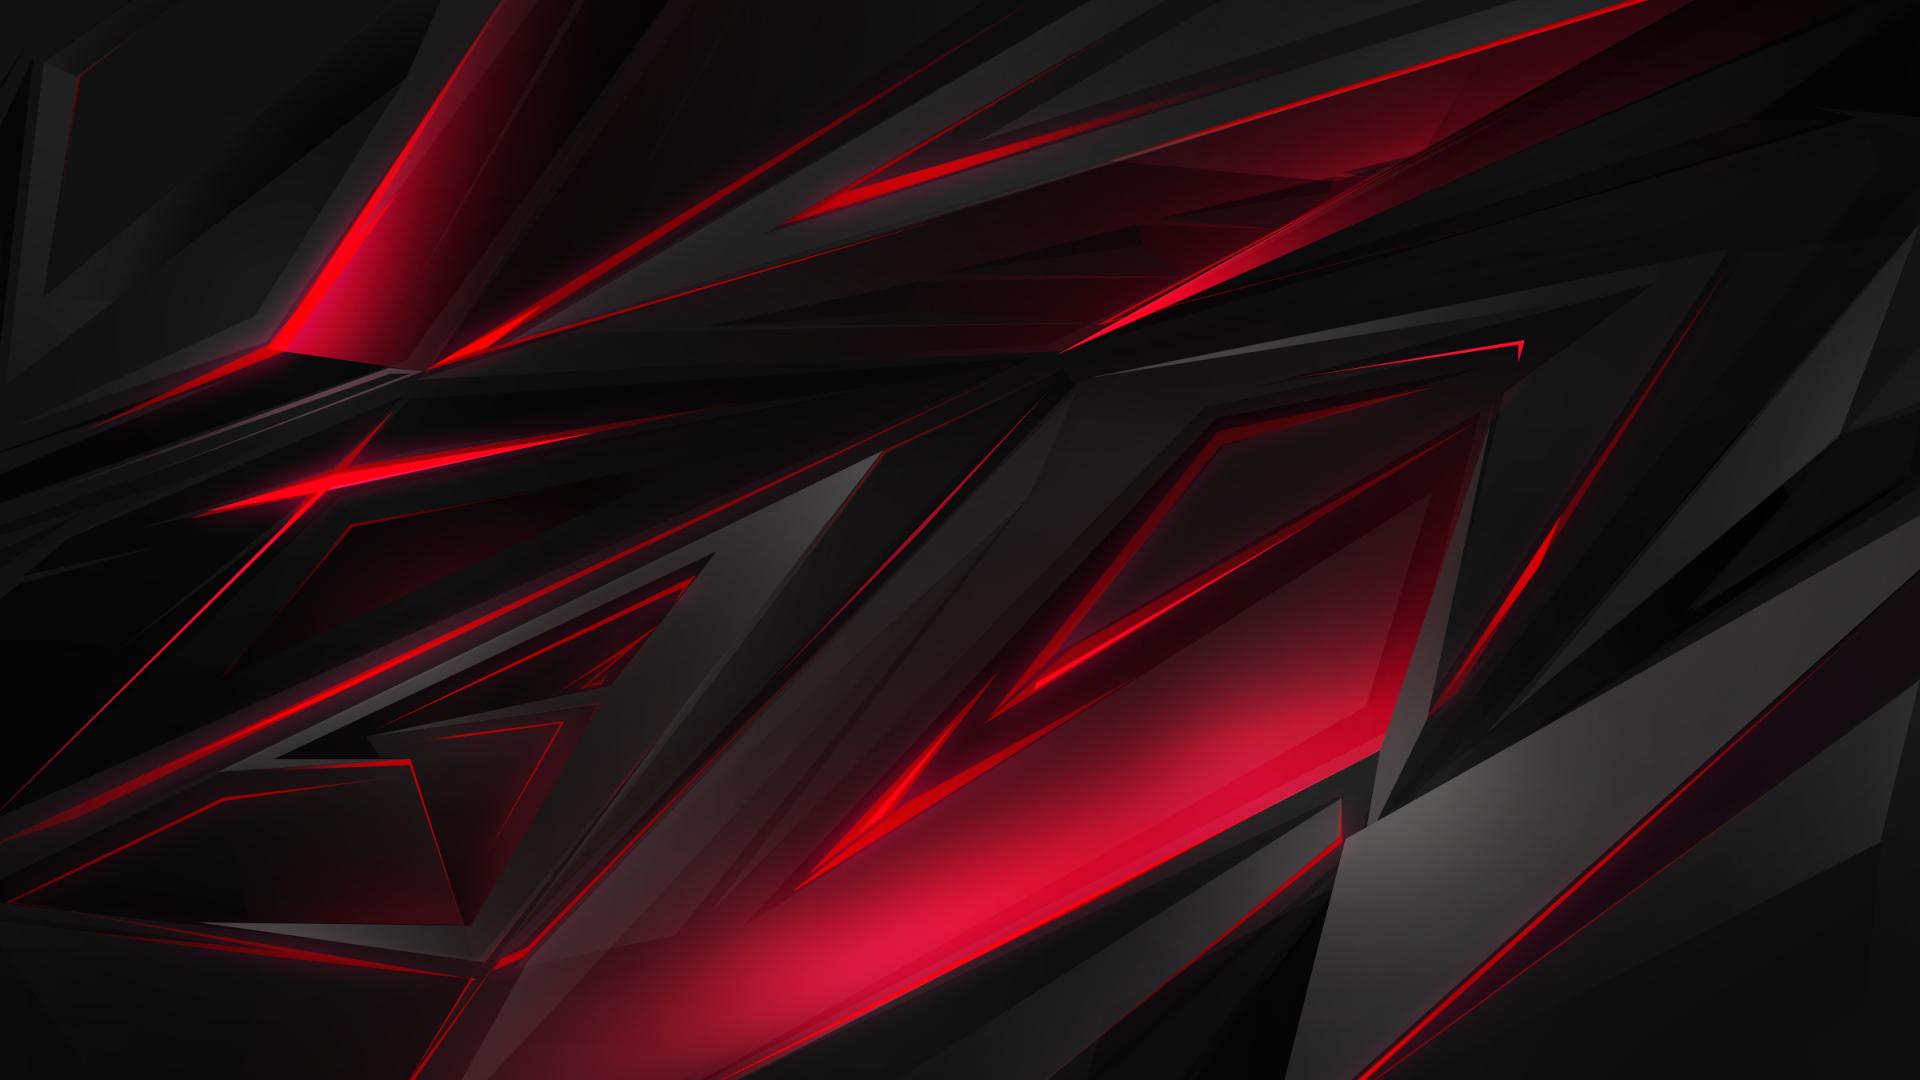 Hình nền đen đỏ